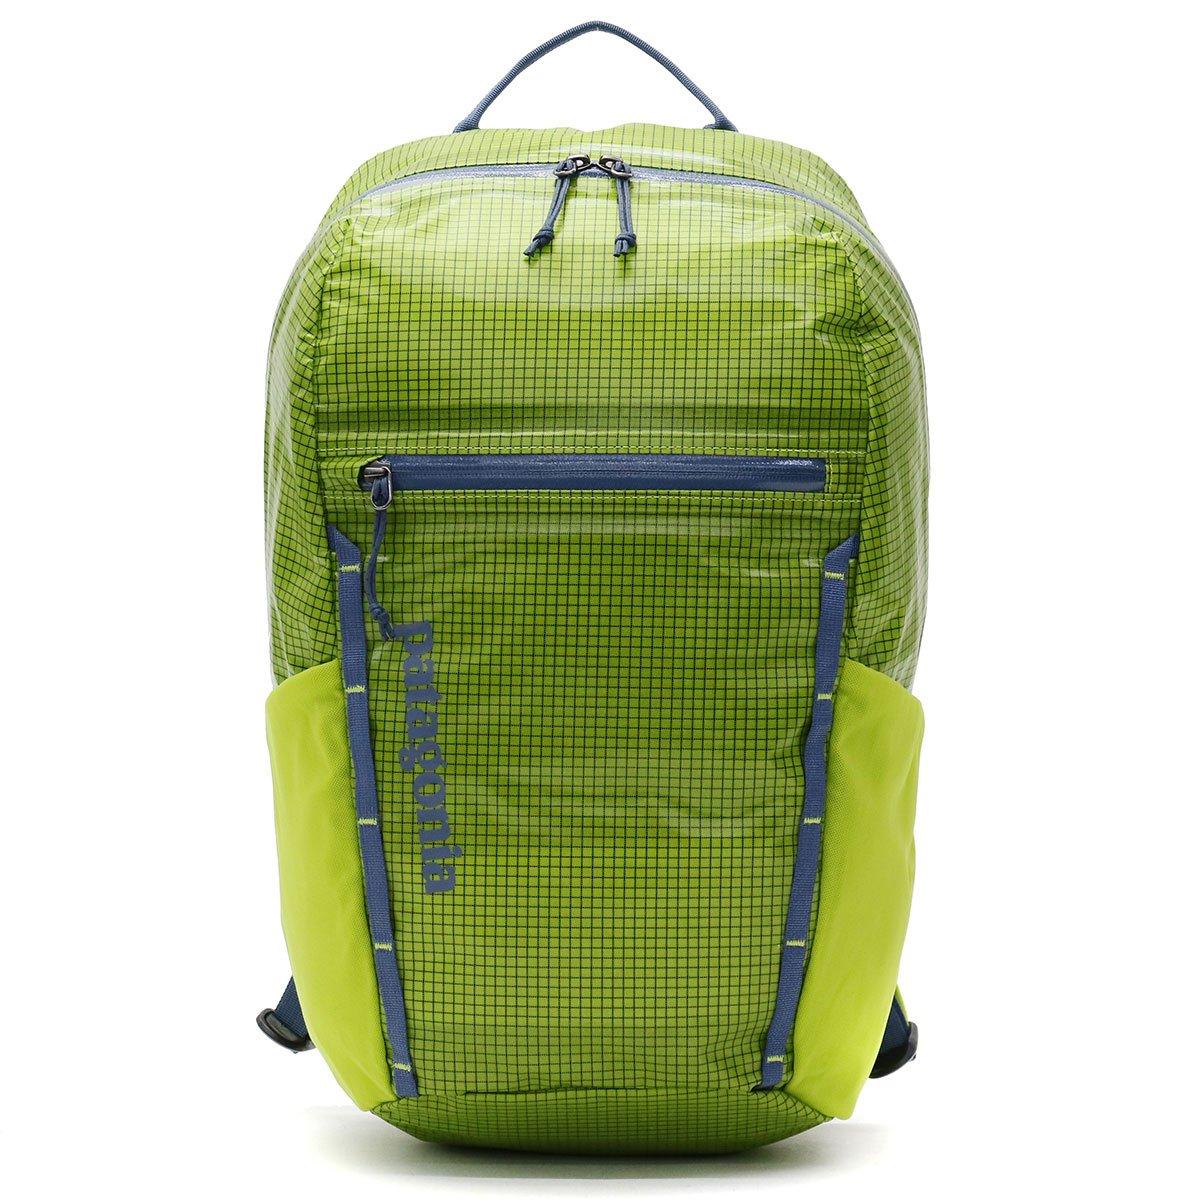 パタゴニア2018カジュアルデイパック、45 cm、26リットル、グリーン(Light Gecko Verde)   B078T8KNZS